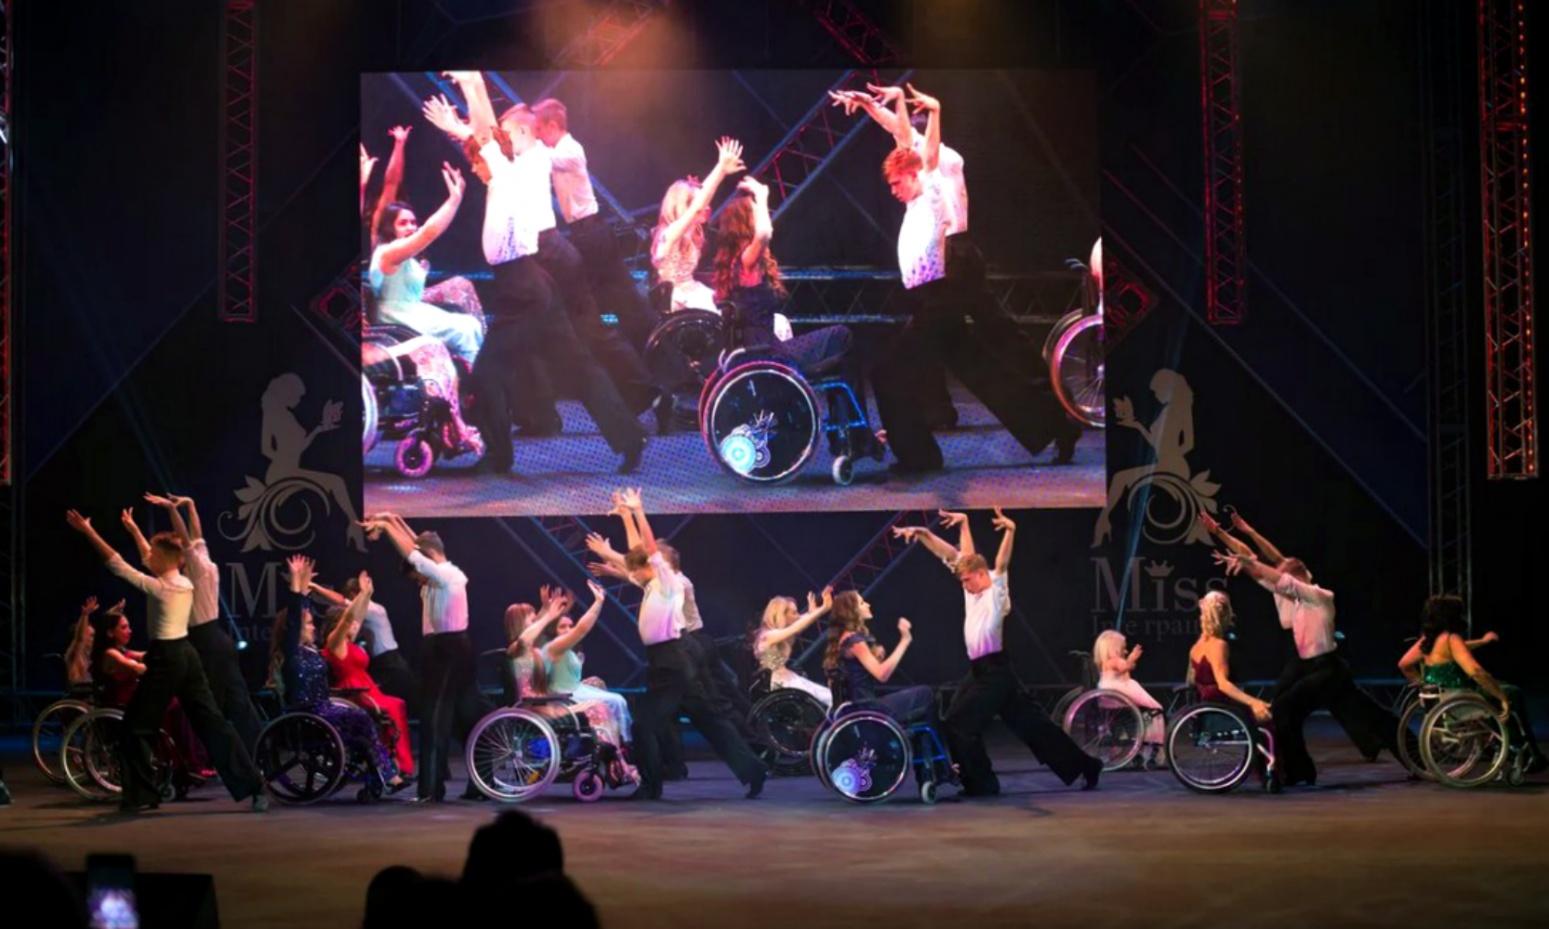 «Человек должен знать, что он не обречен»: девушка-колясочница завоевала титул на конкурсе красоты